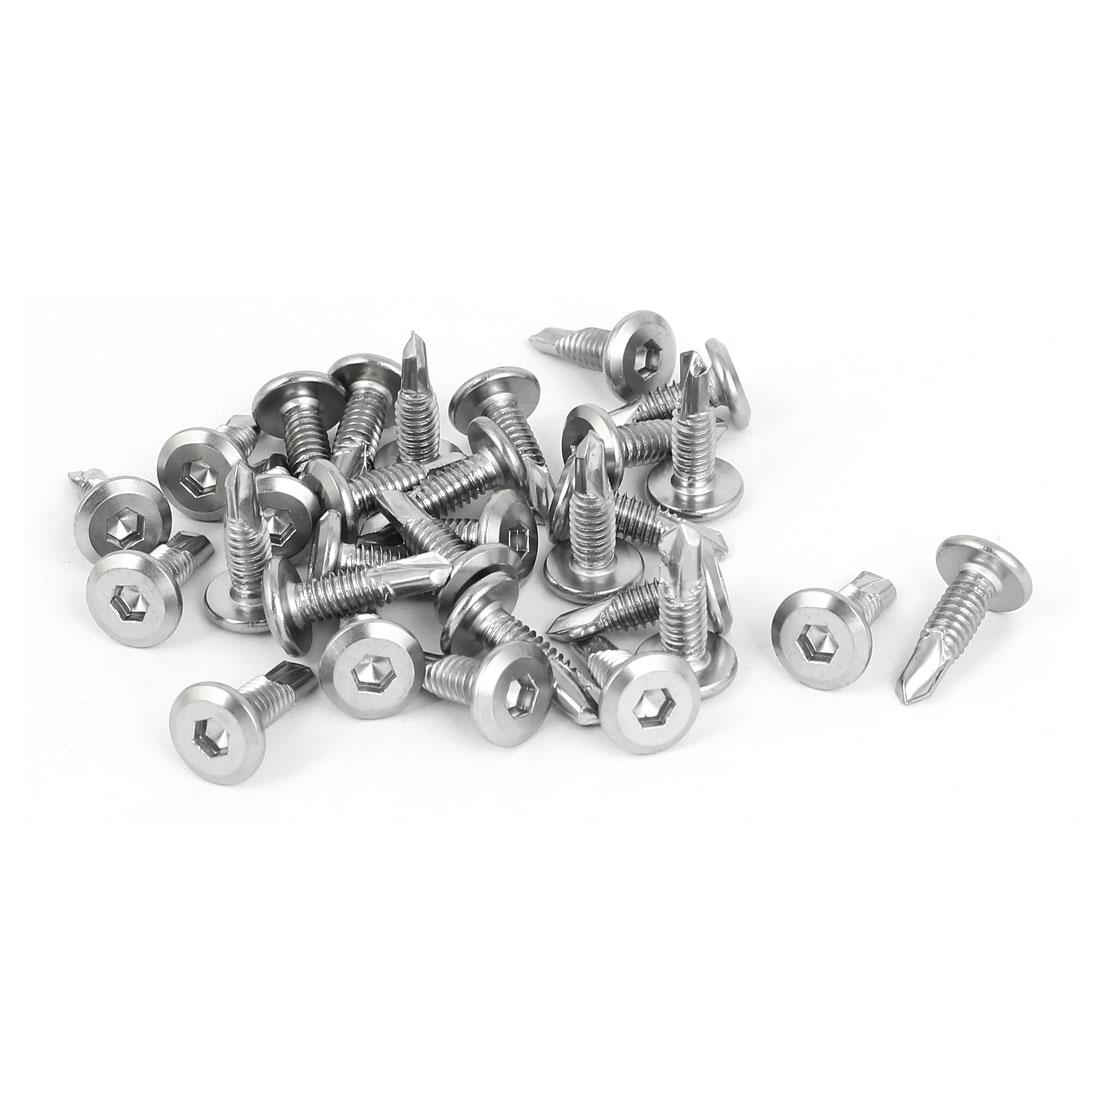 M6.3 x 16mm Male Thread Hex Socket Cap Flat Head Self Drilling Tek Screws 30 Pcs